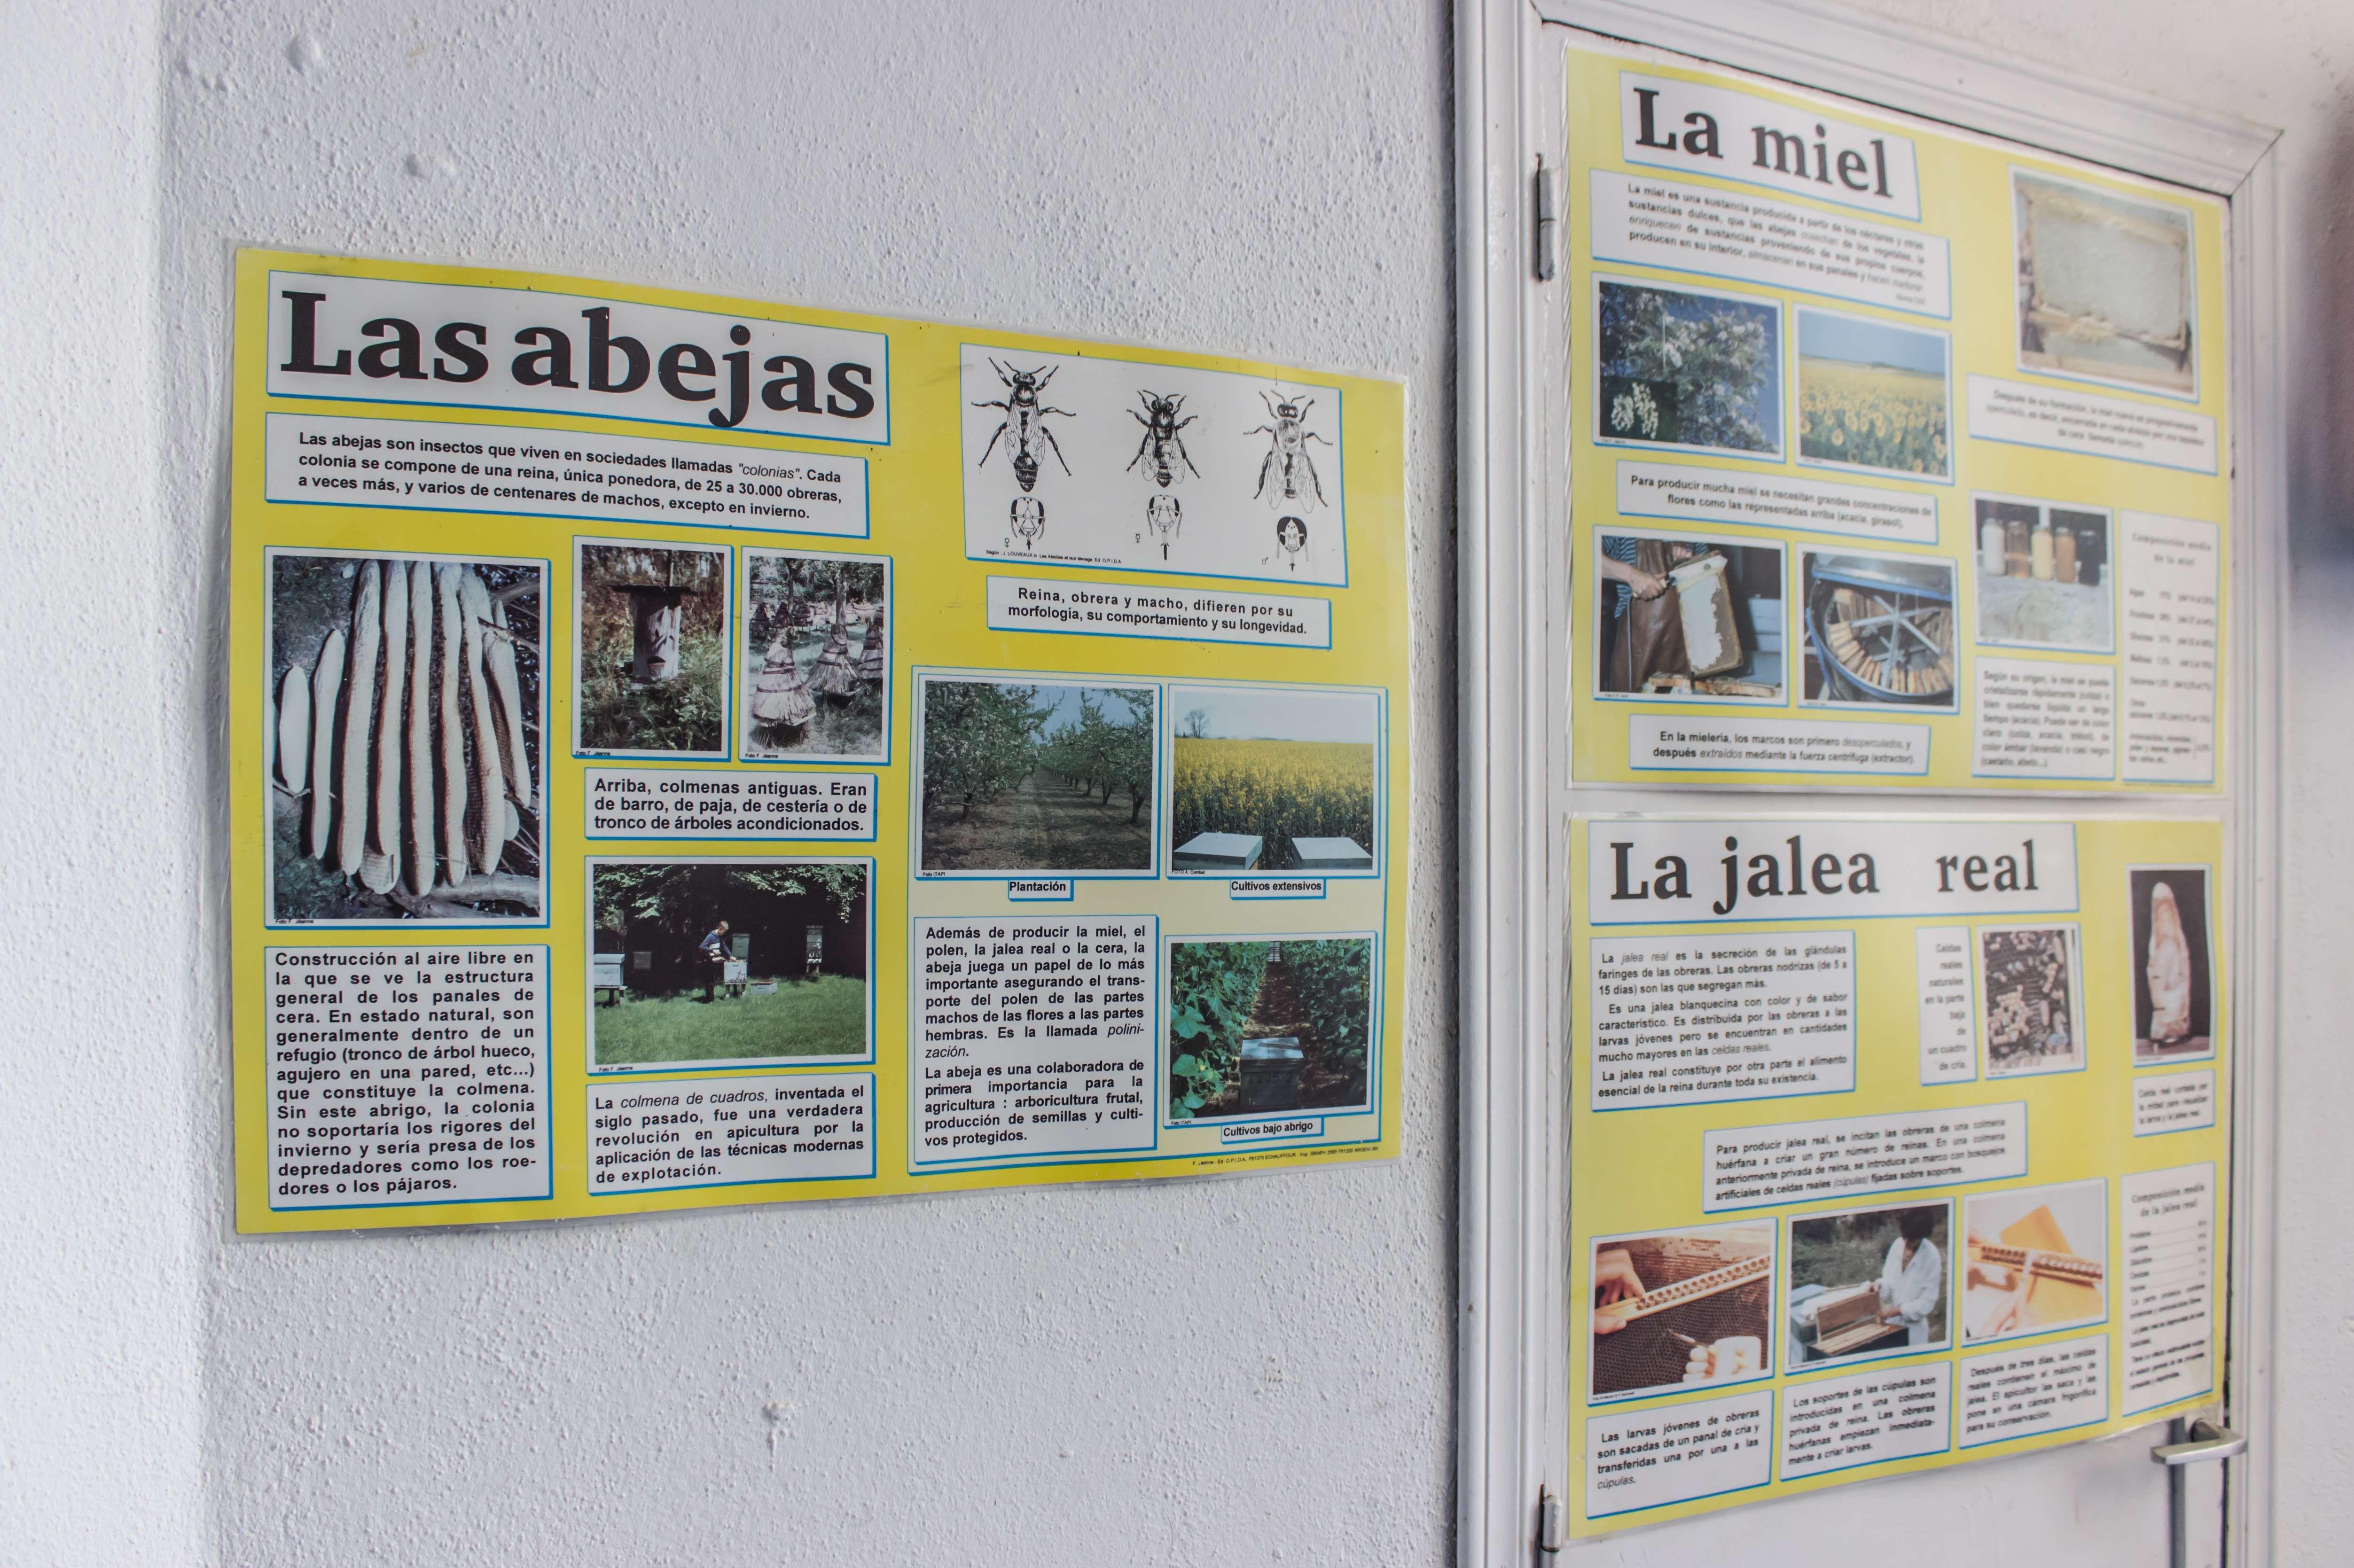 Las abejas de Extremadura